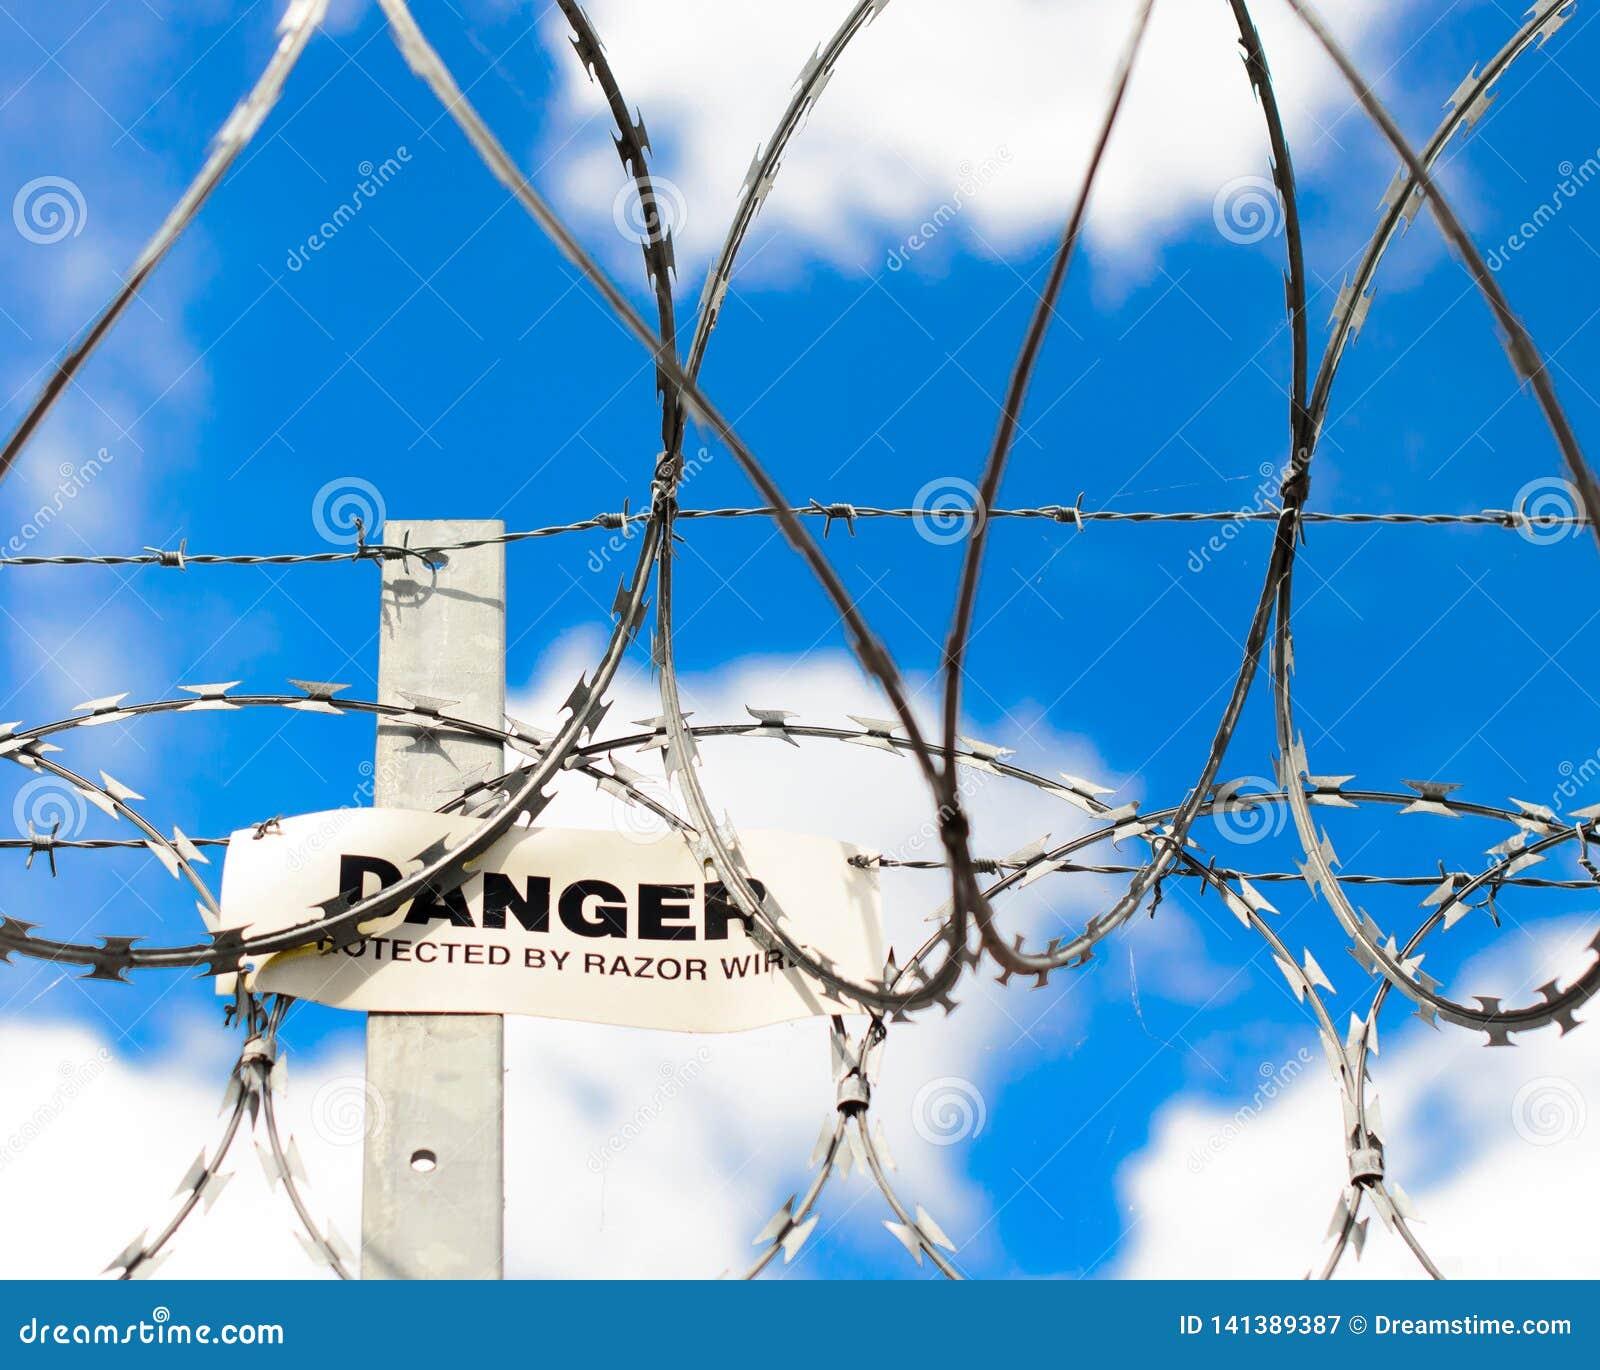 Предупредительный знак и колючая проволока